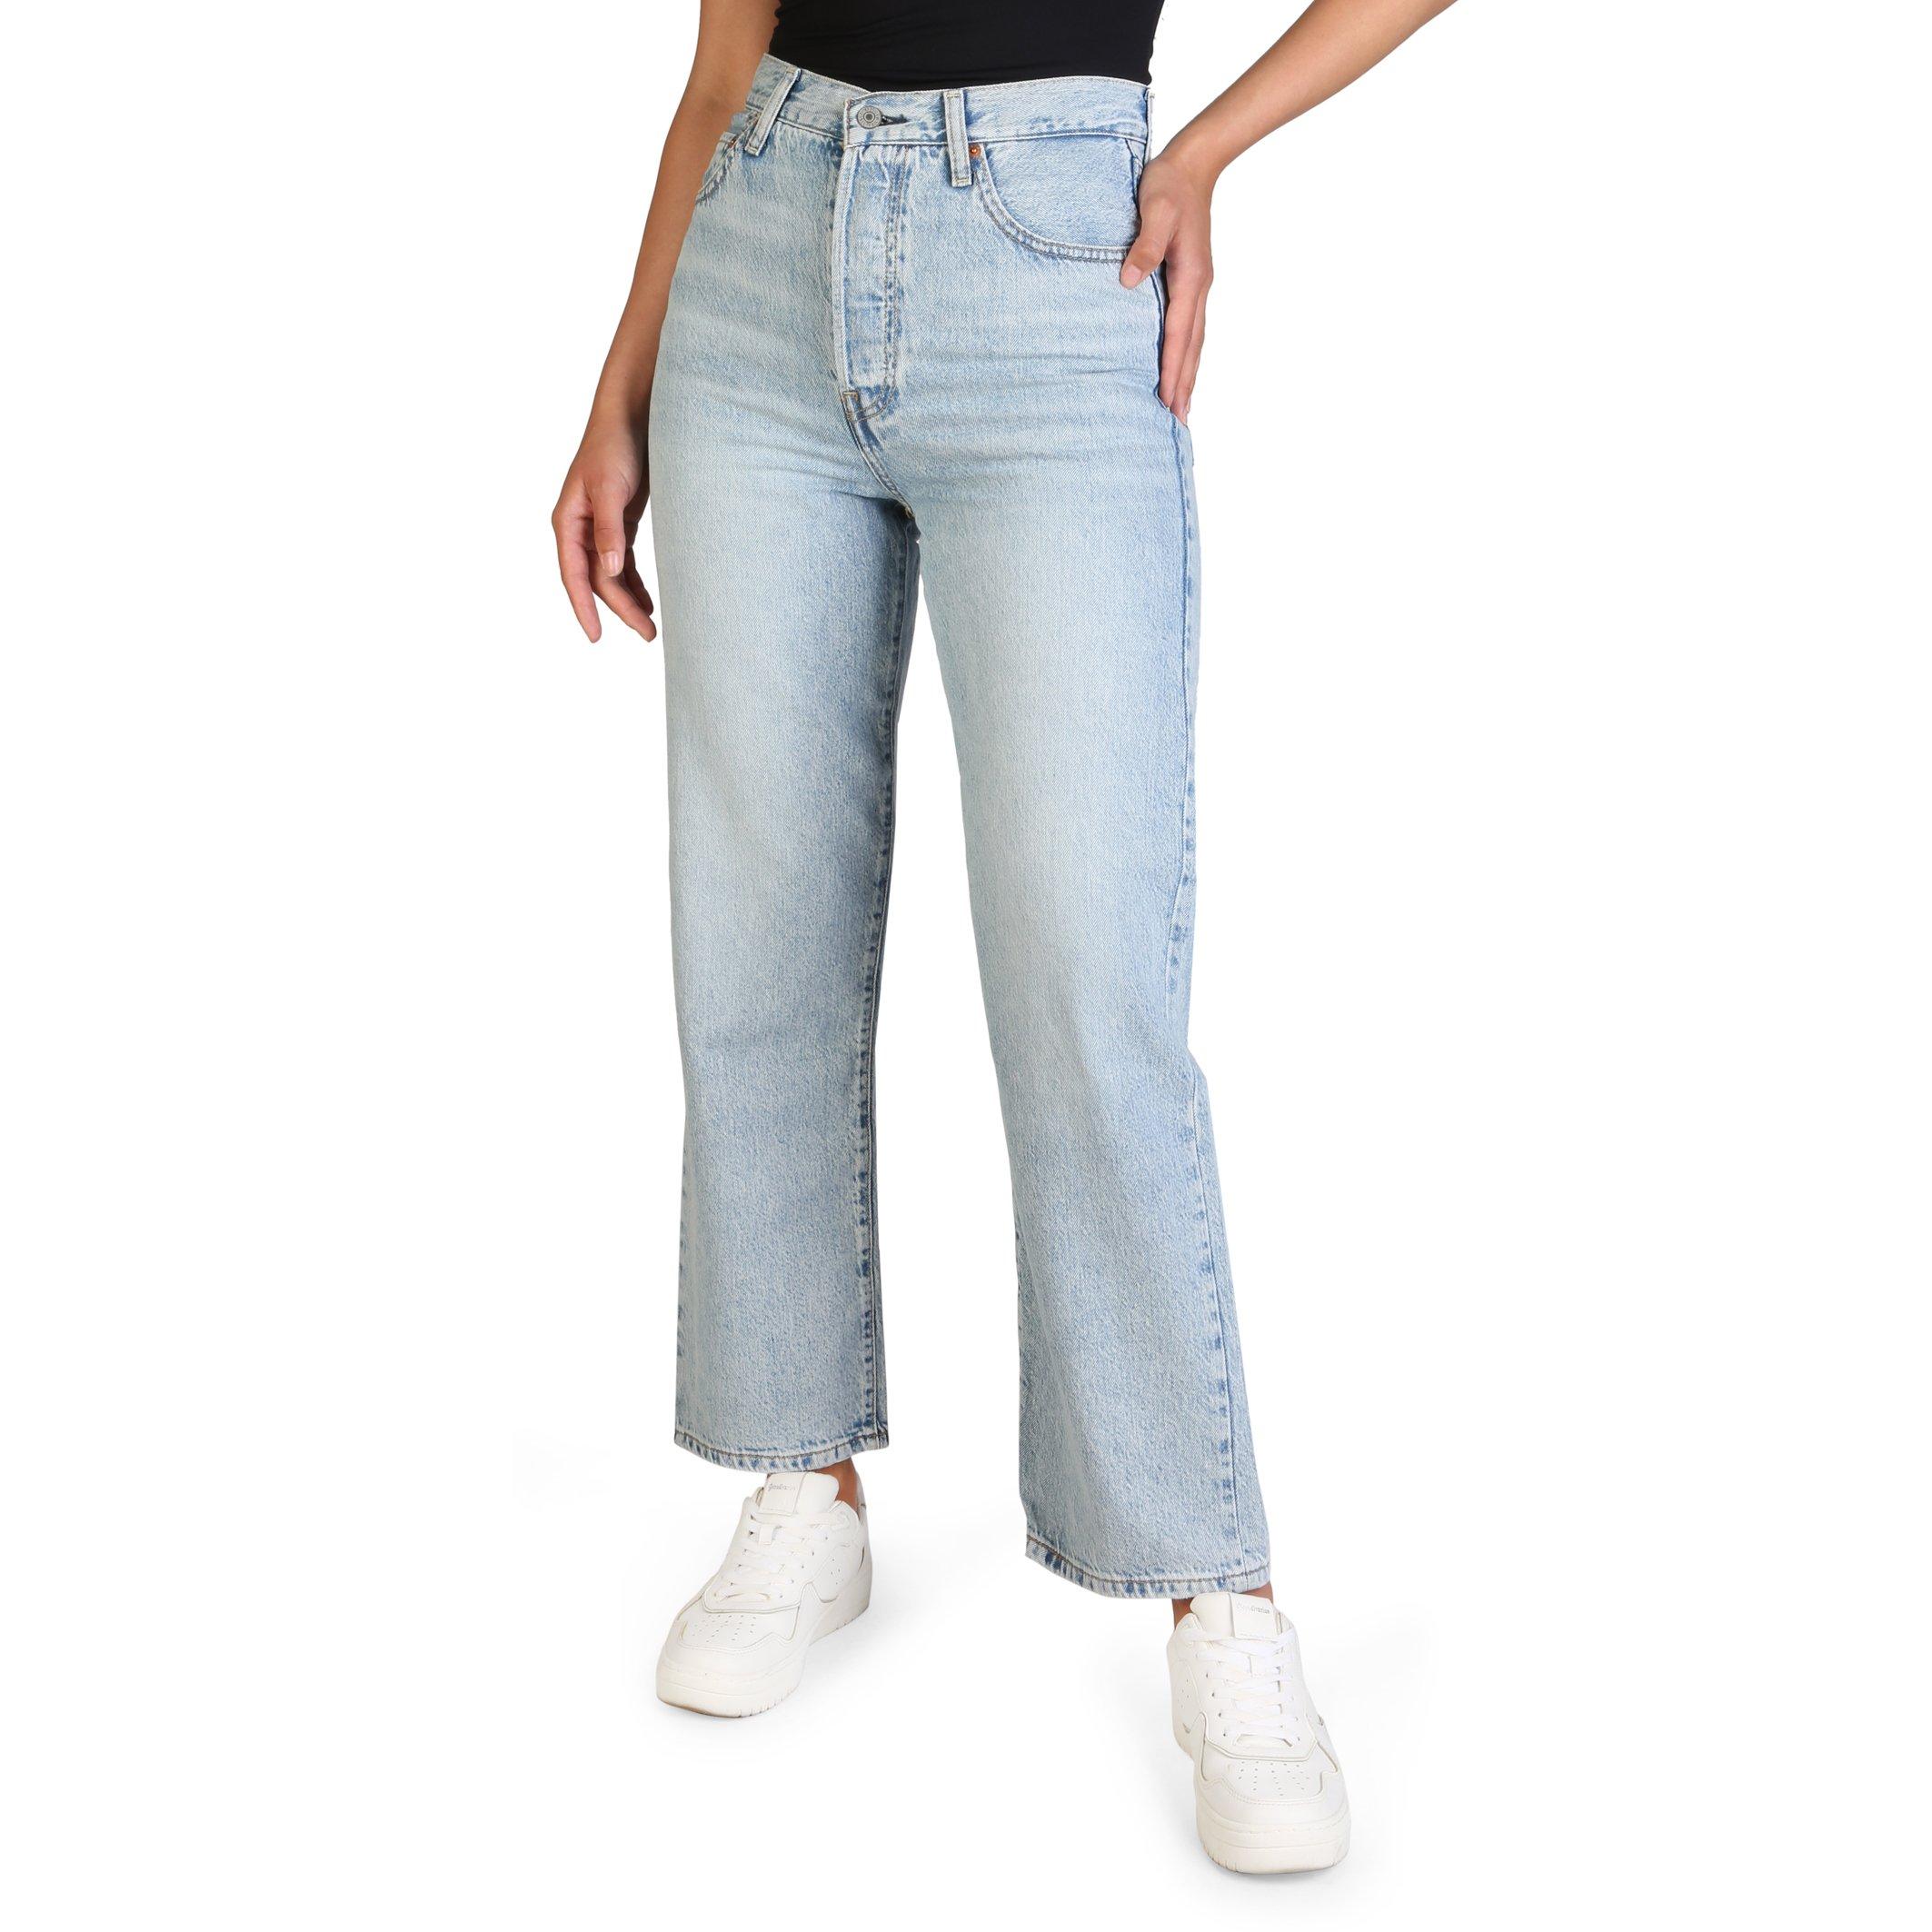 Levis Women's Jeans Various Colours 72693 - blue-2 30